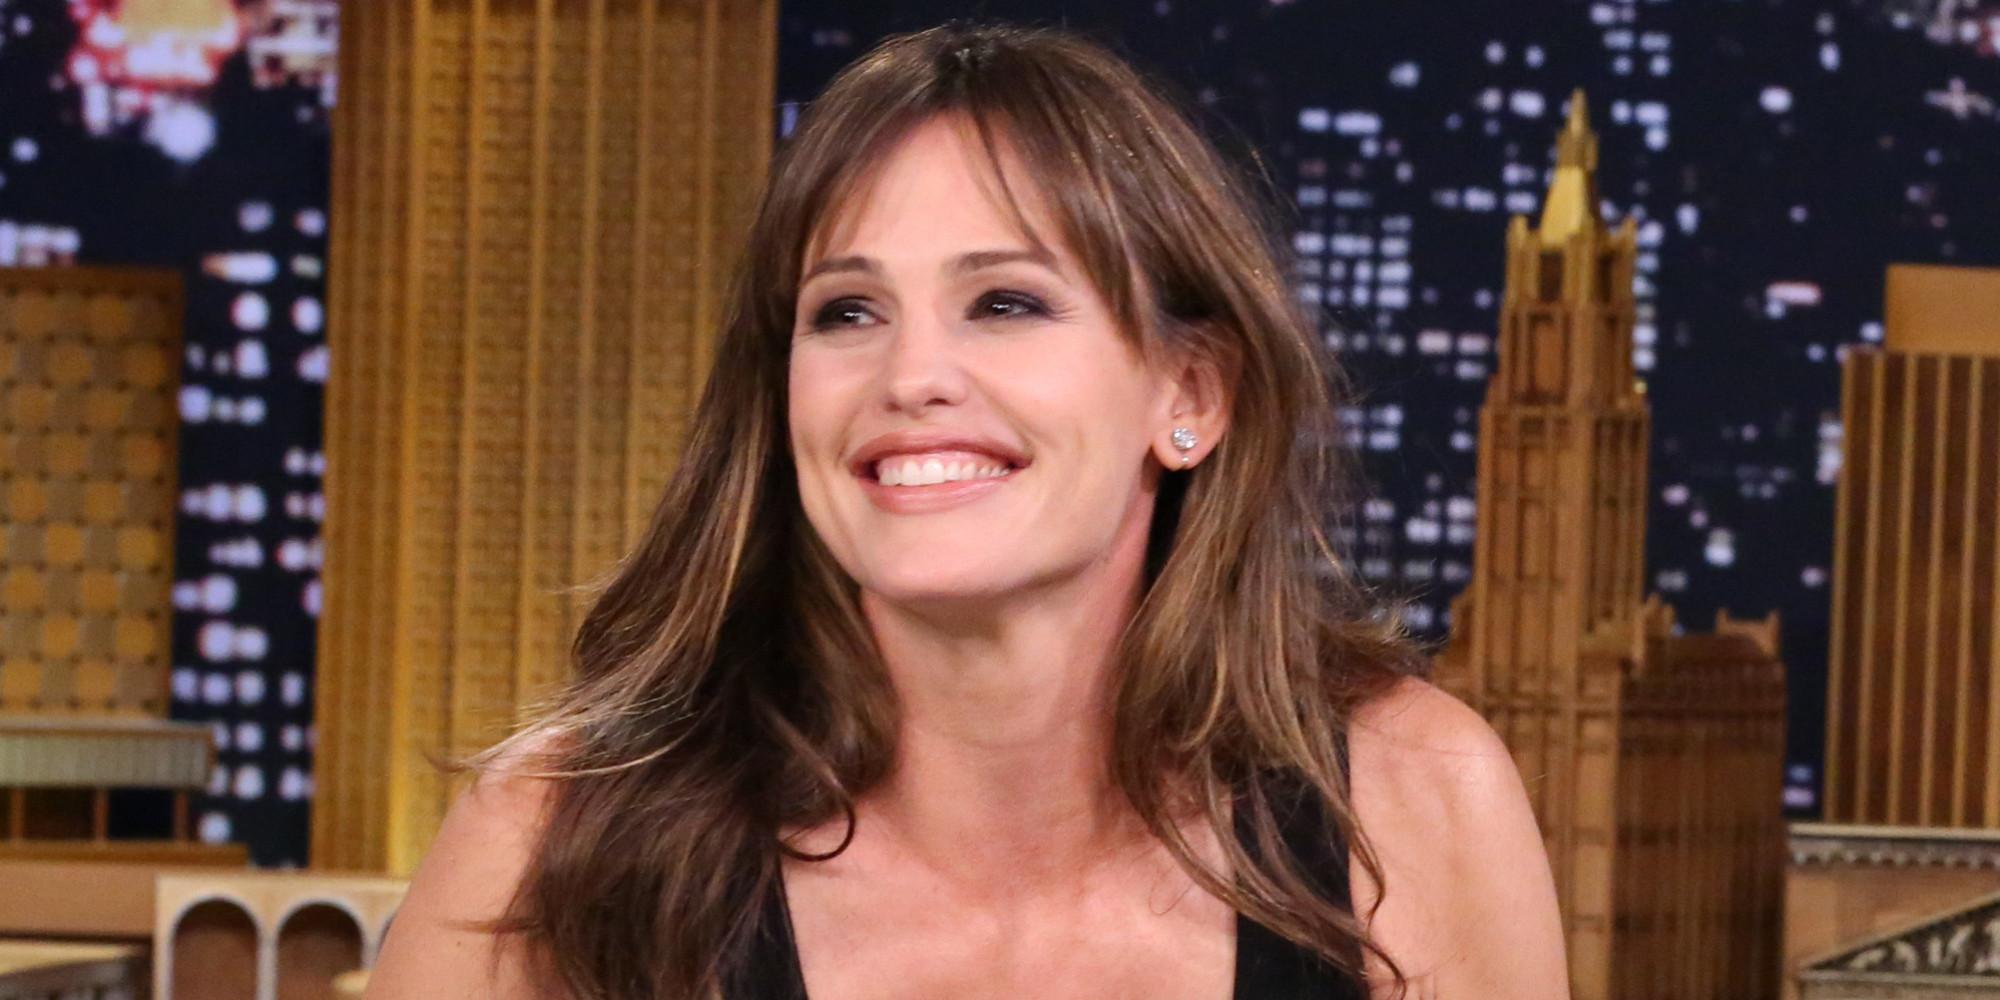 Jennifer Garner's Impression Of Ben Affleck Proves They're Just Like ... Jennifer Garner